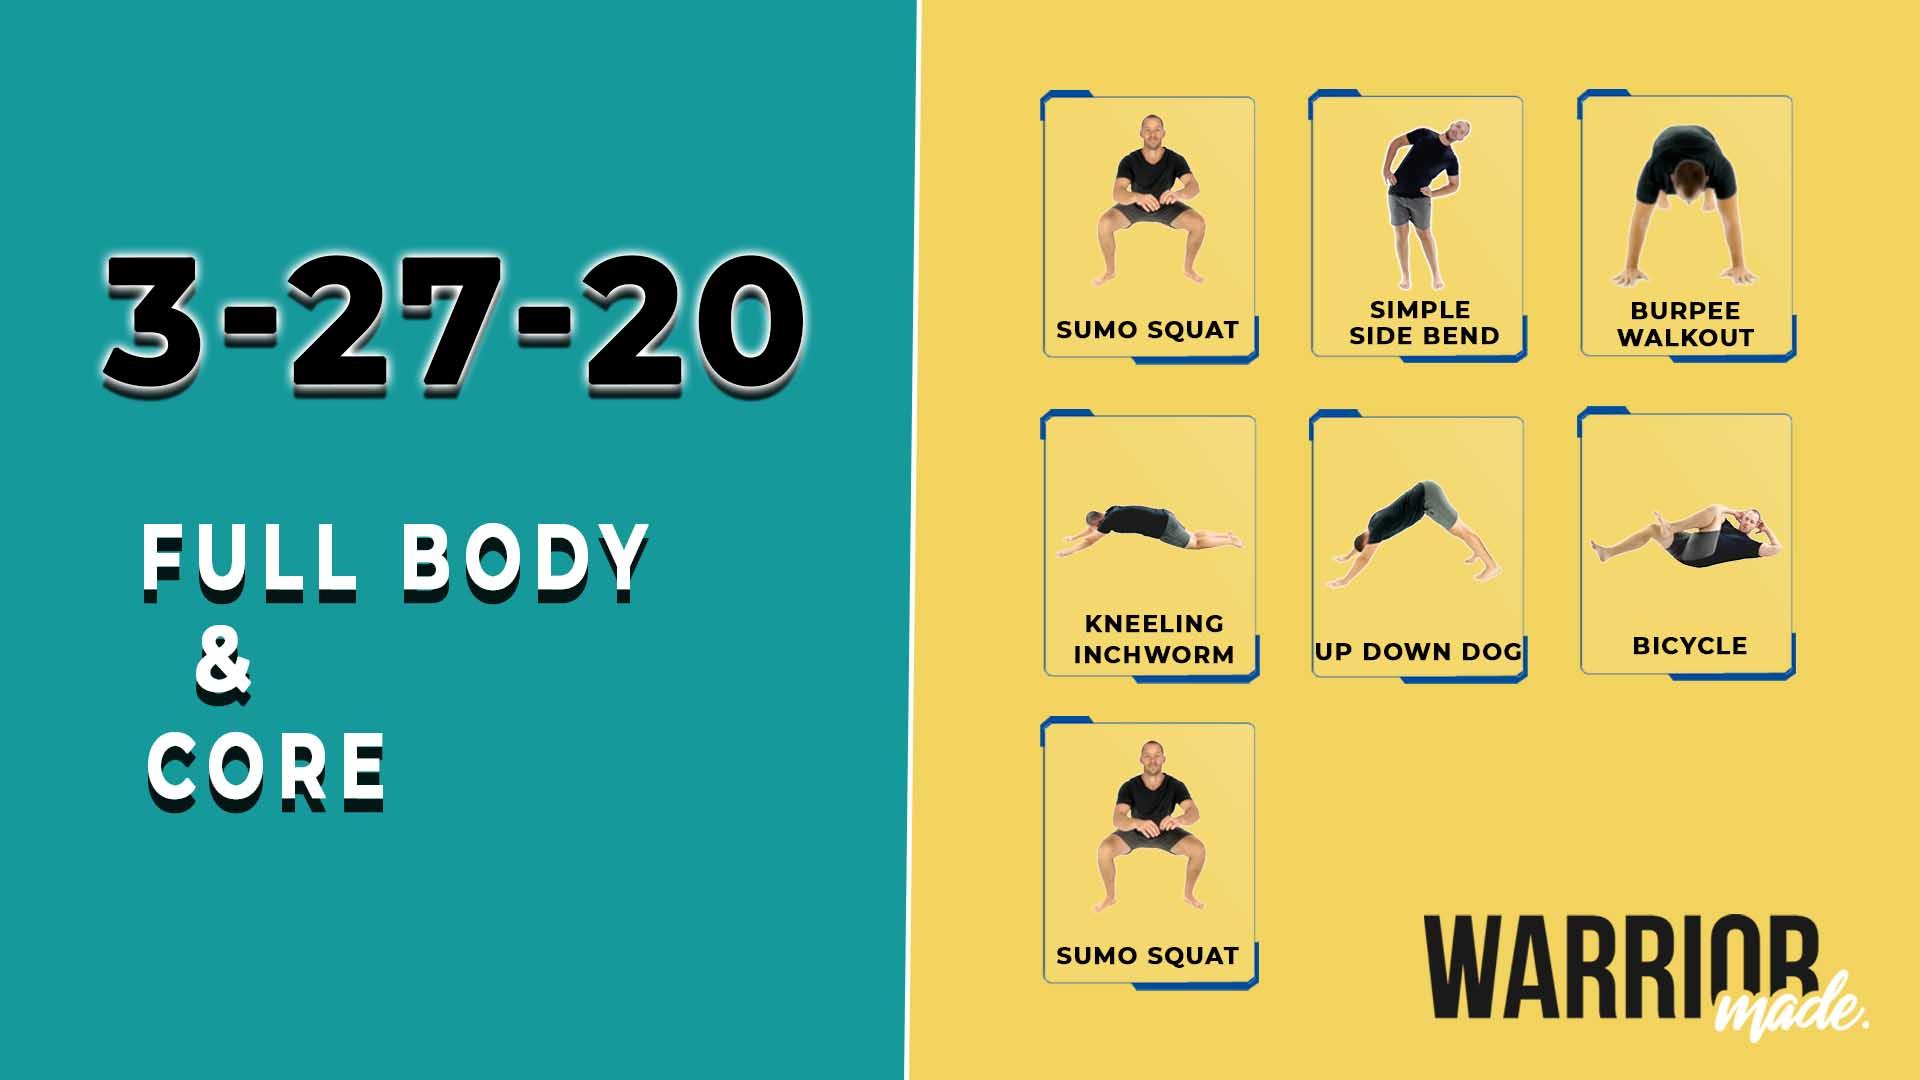 workouts-03-27-20